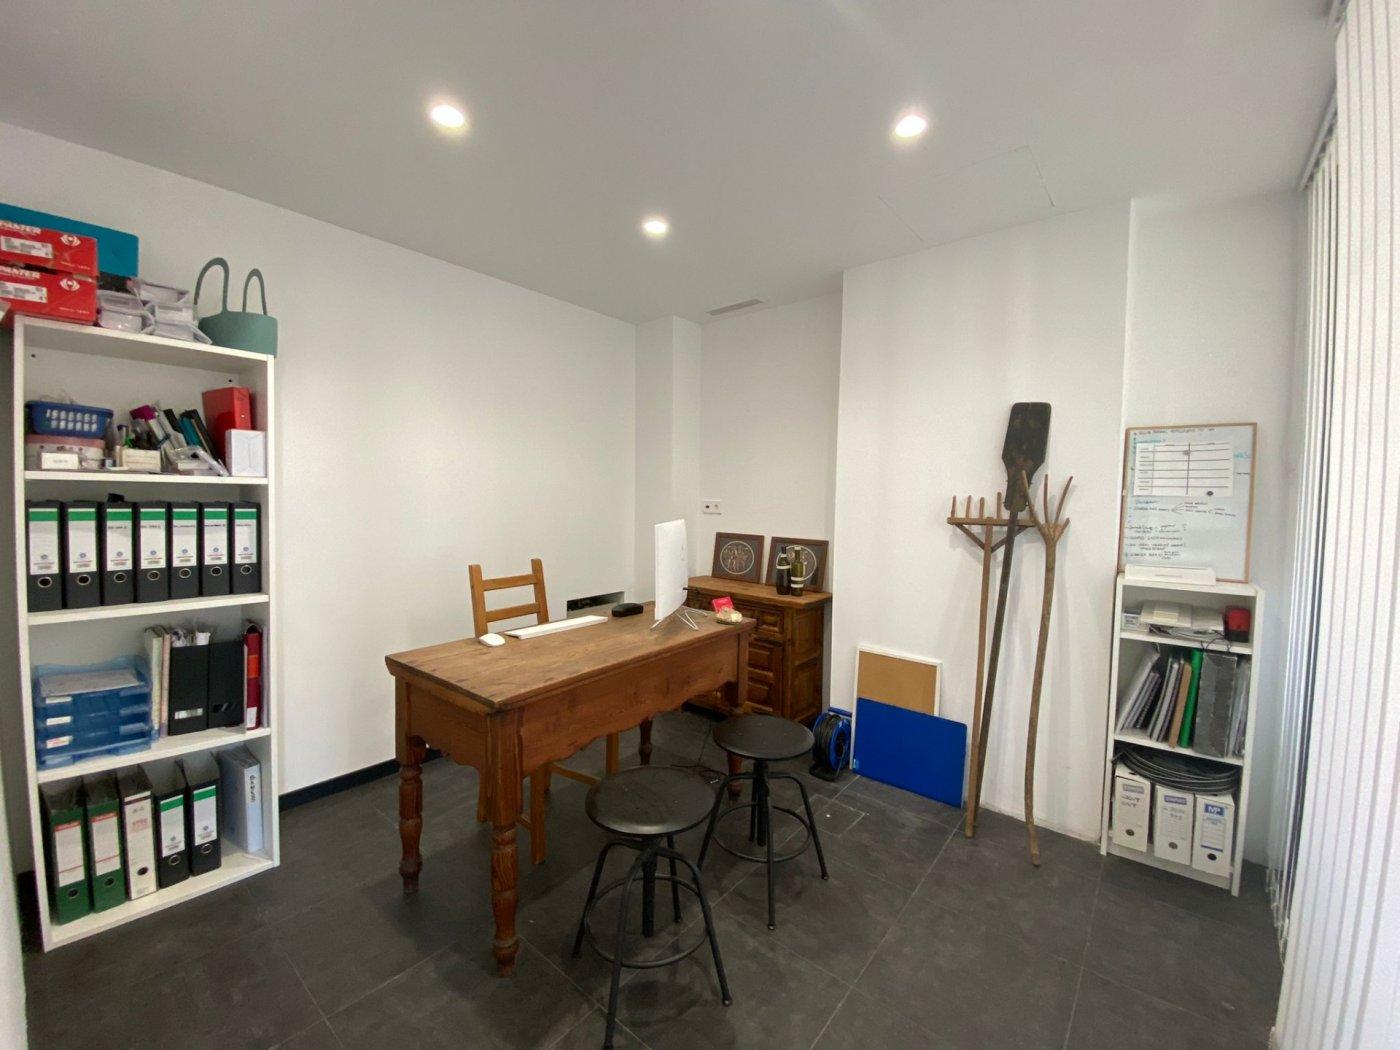 Amplio local con trasteros y zona de oficina. - imagenInmueble3